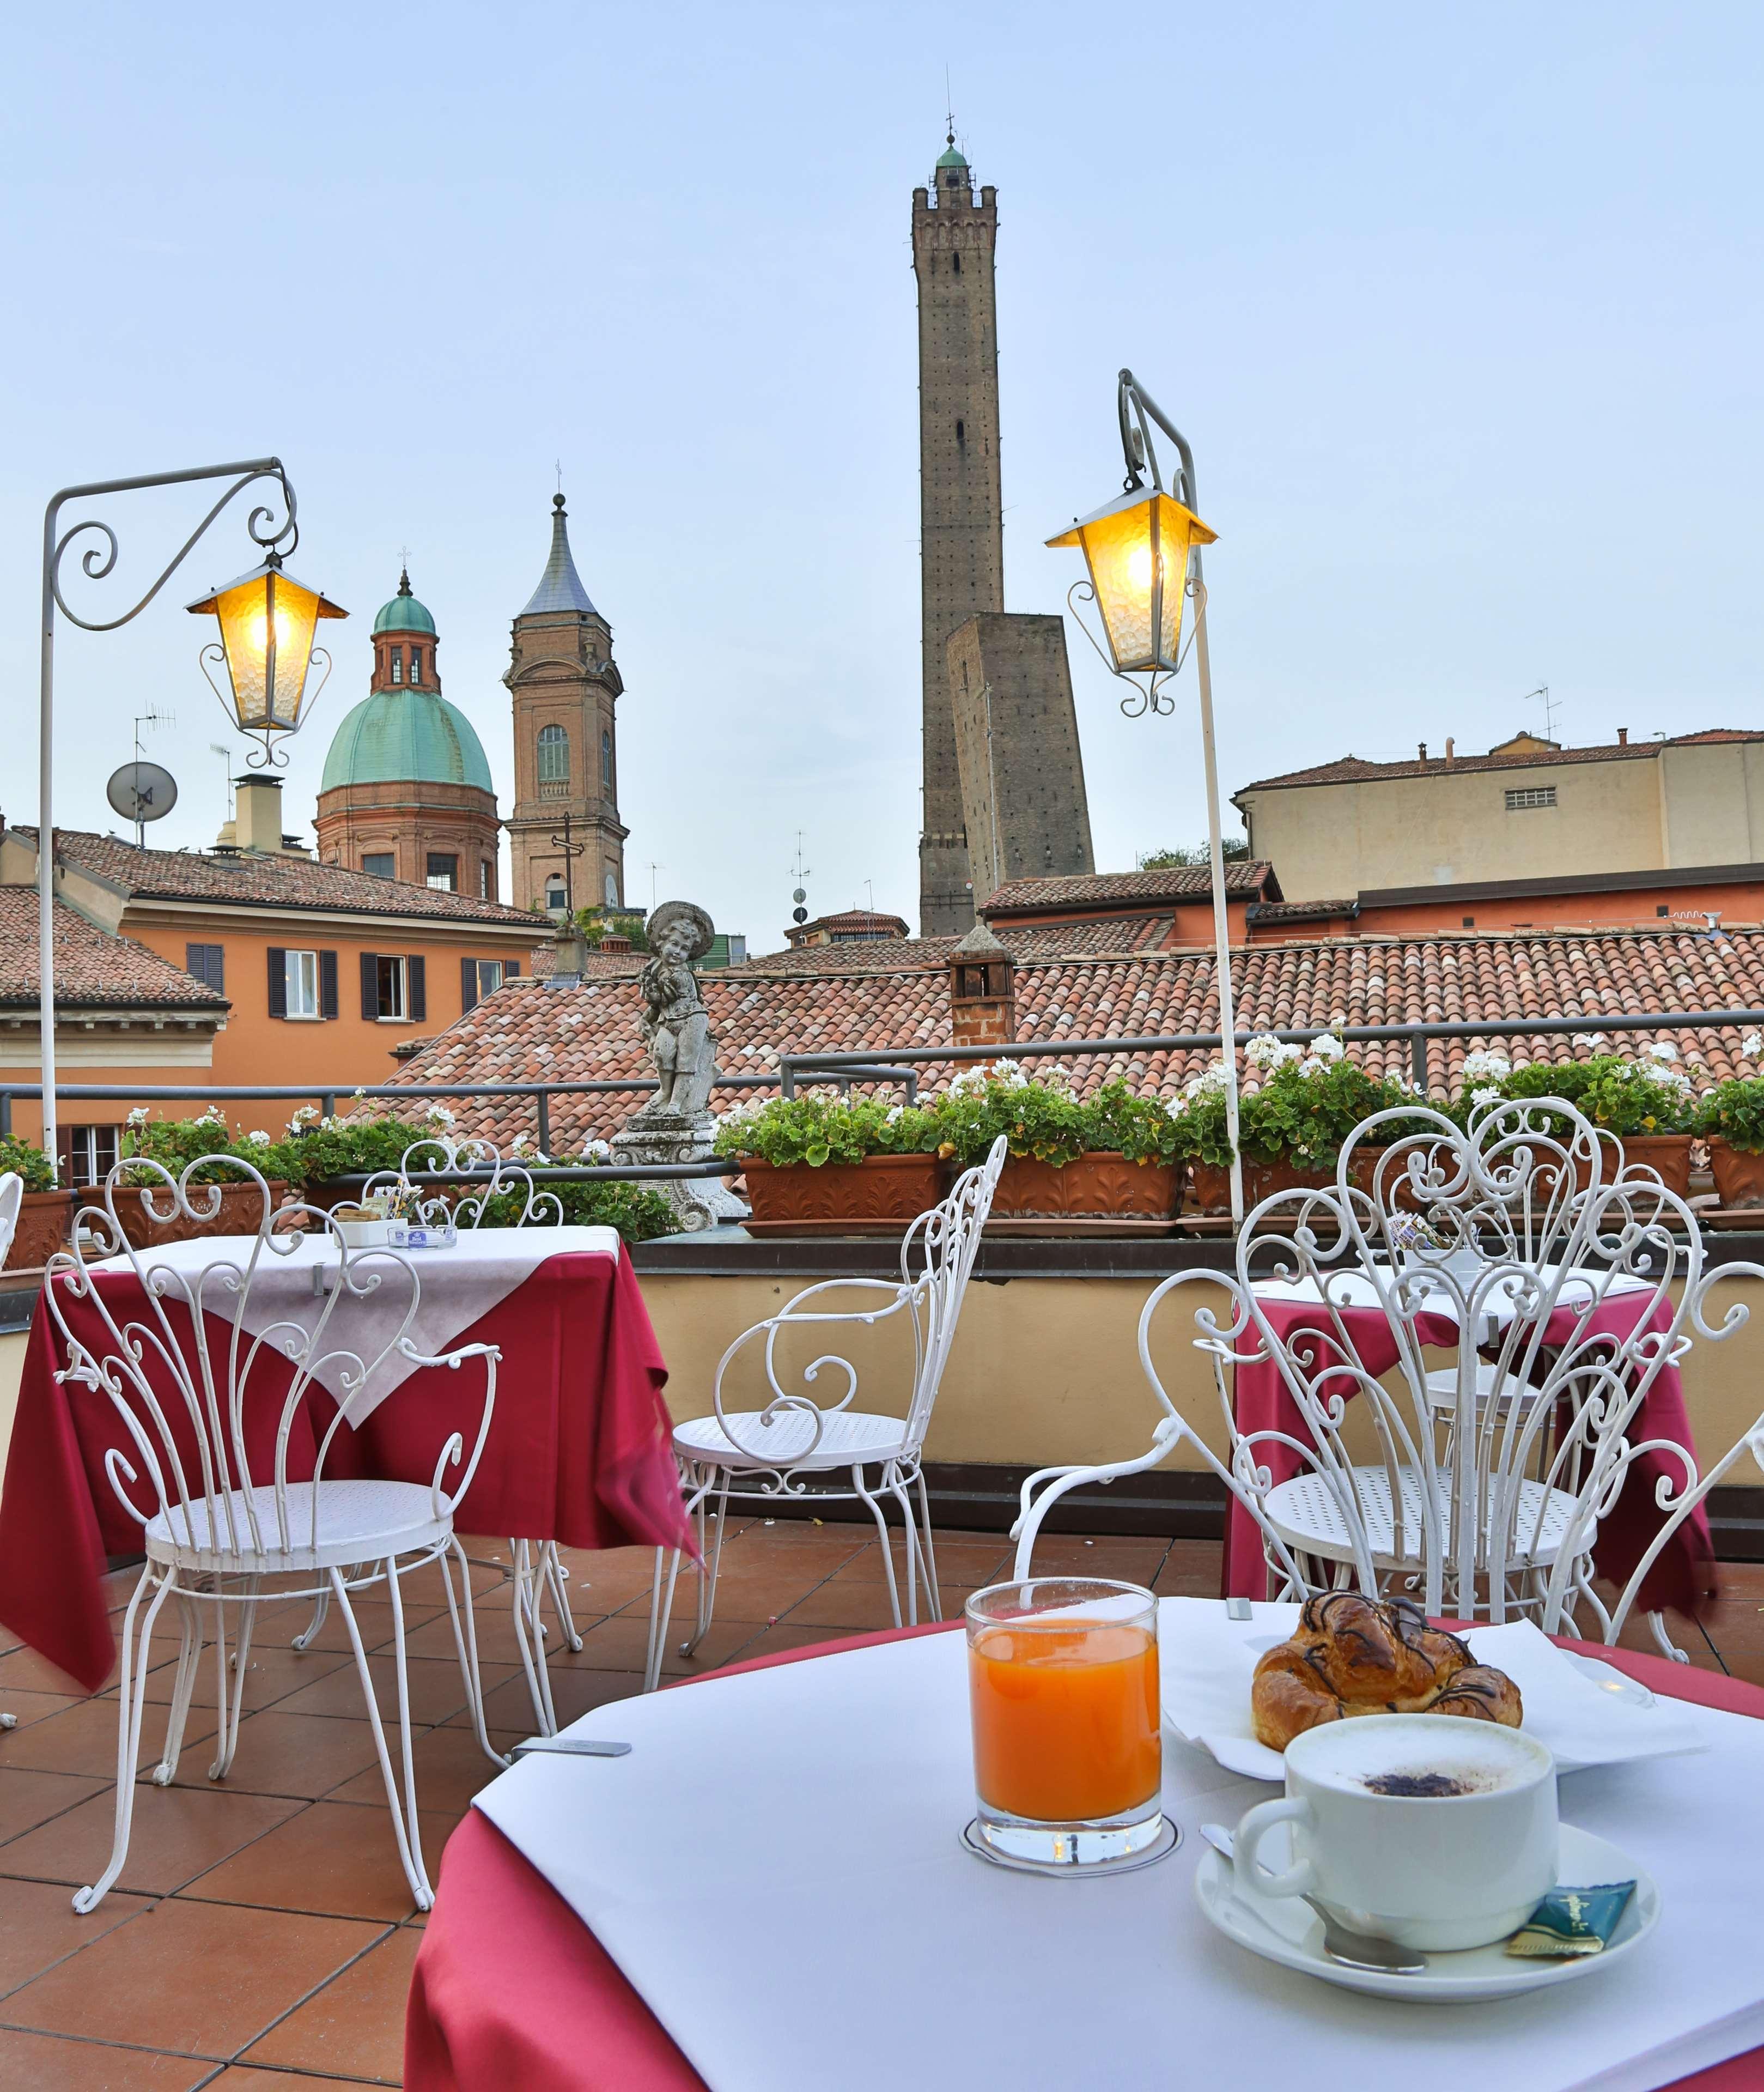 Best western hotel san donato alberghi alberghi for Alberghi zola predosa